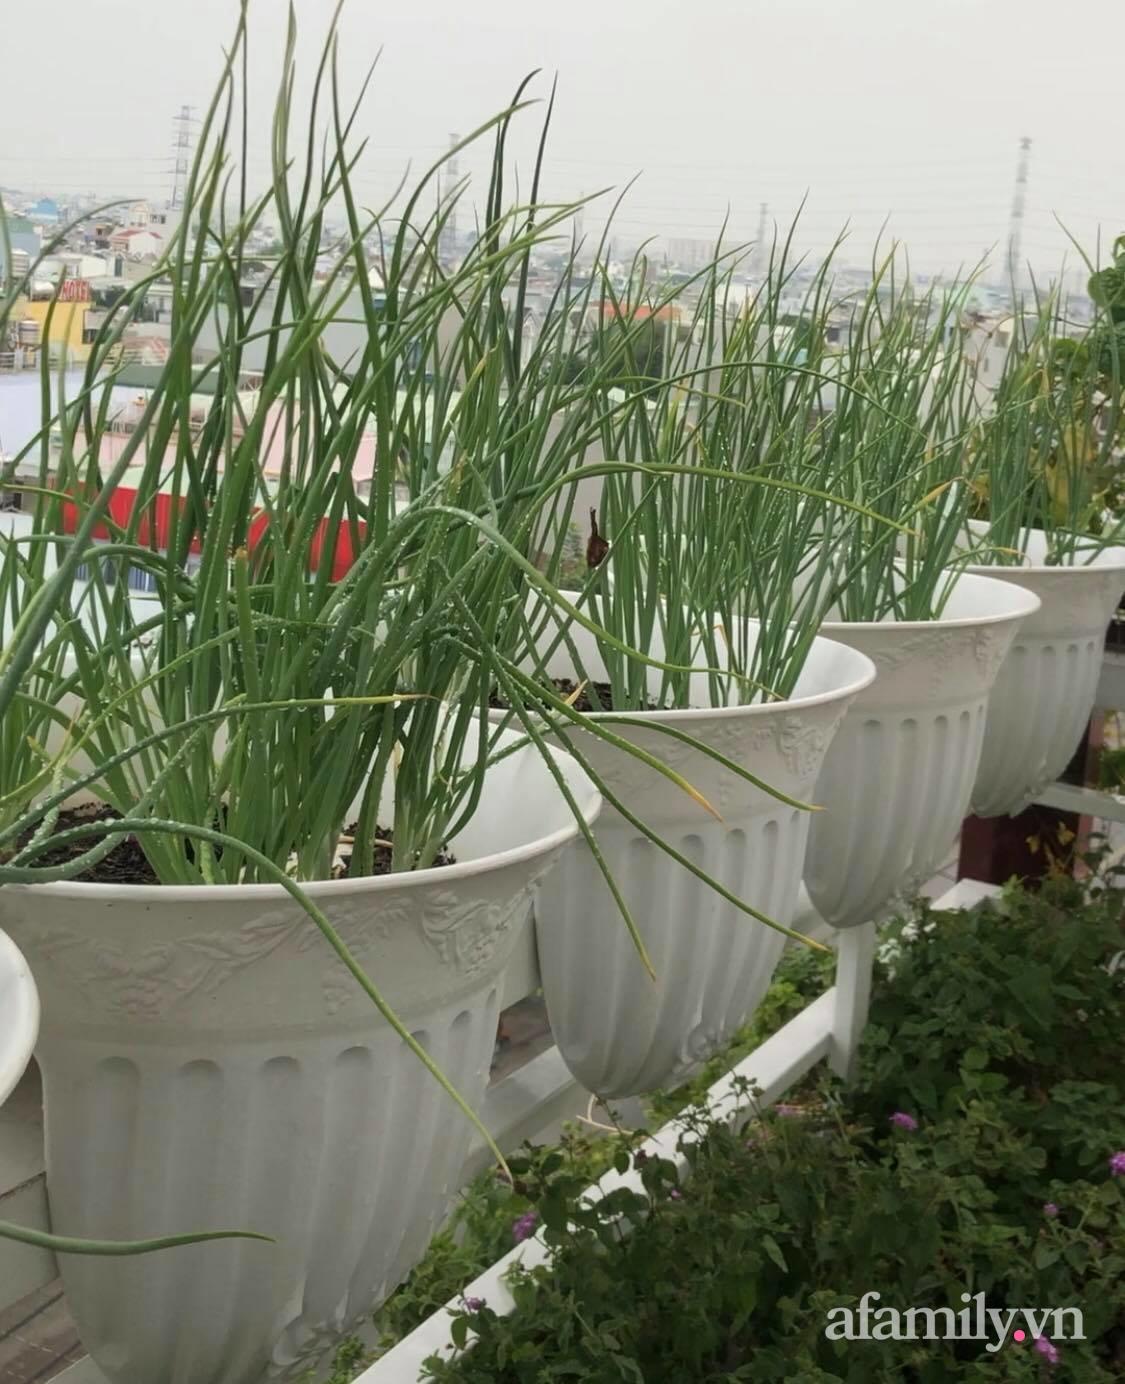 """Trước giãn cách 20 ngày, mẹ đảm Sài Gòn """"nhanh tay"""" trồng đủ loại rau tới giờ um tùm ăn thoải mái lại còn tiết kiệm tiền - Ảnh 4."""